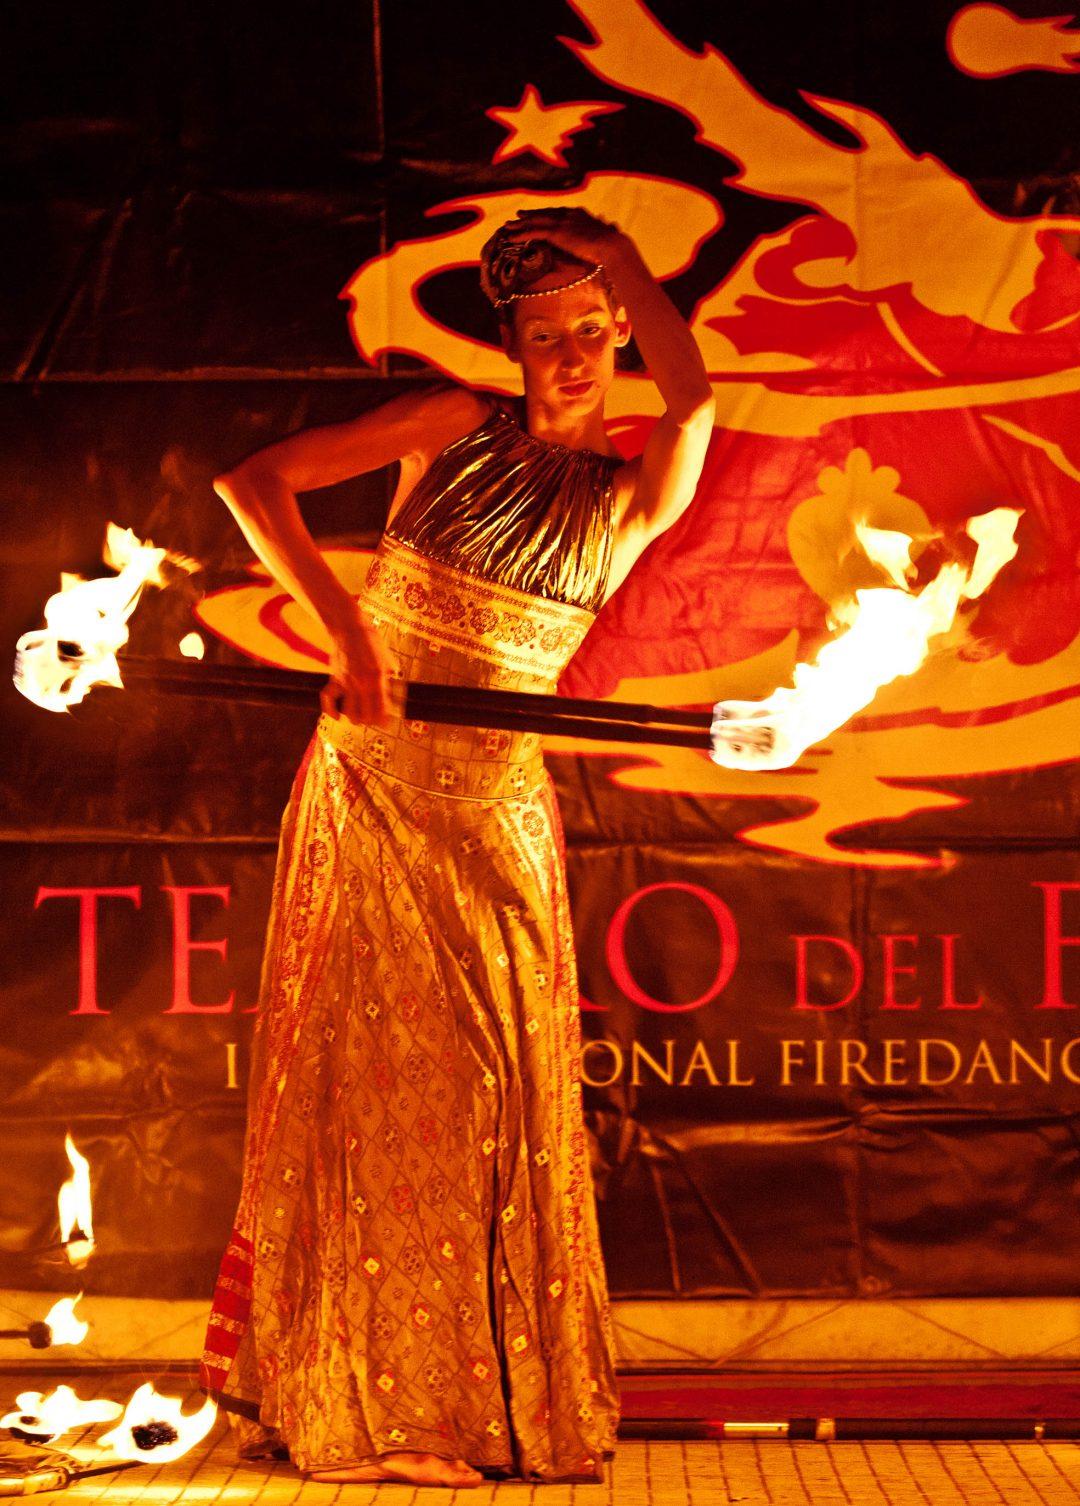 Da Stromboli, il Teatro del Fuoco arriva a Palermo